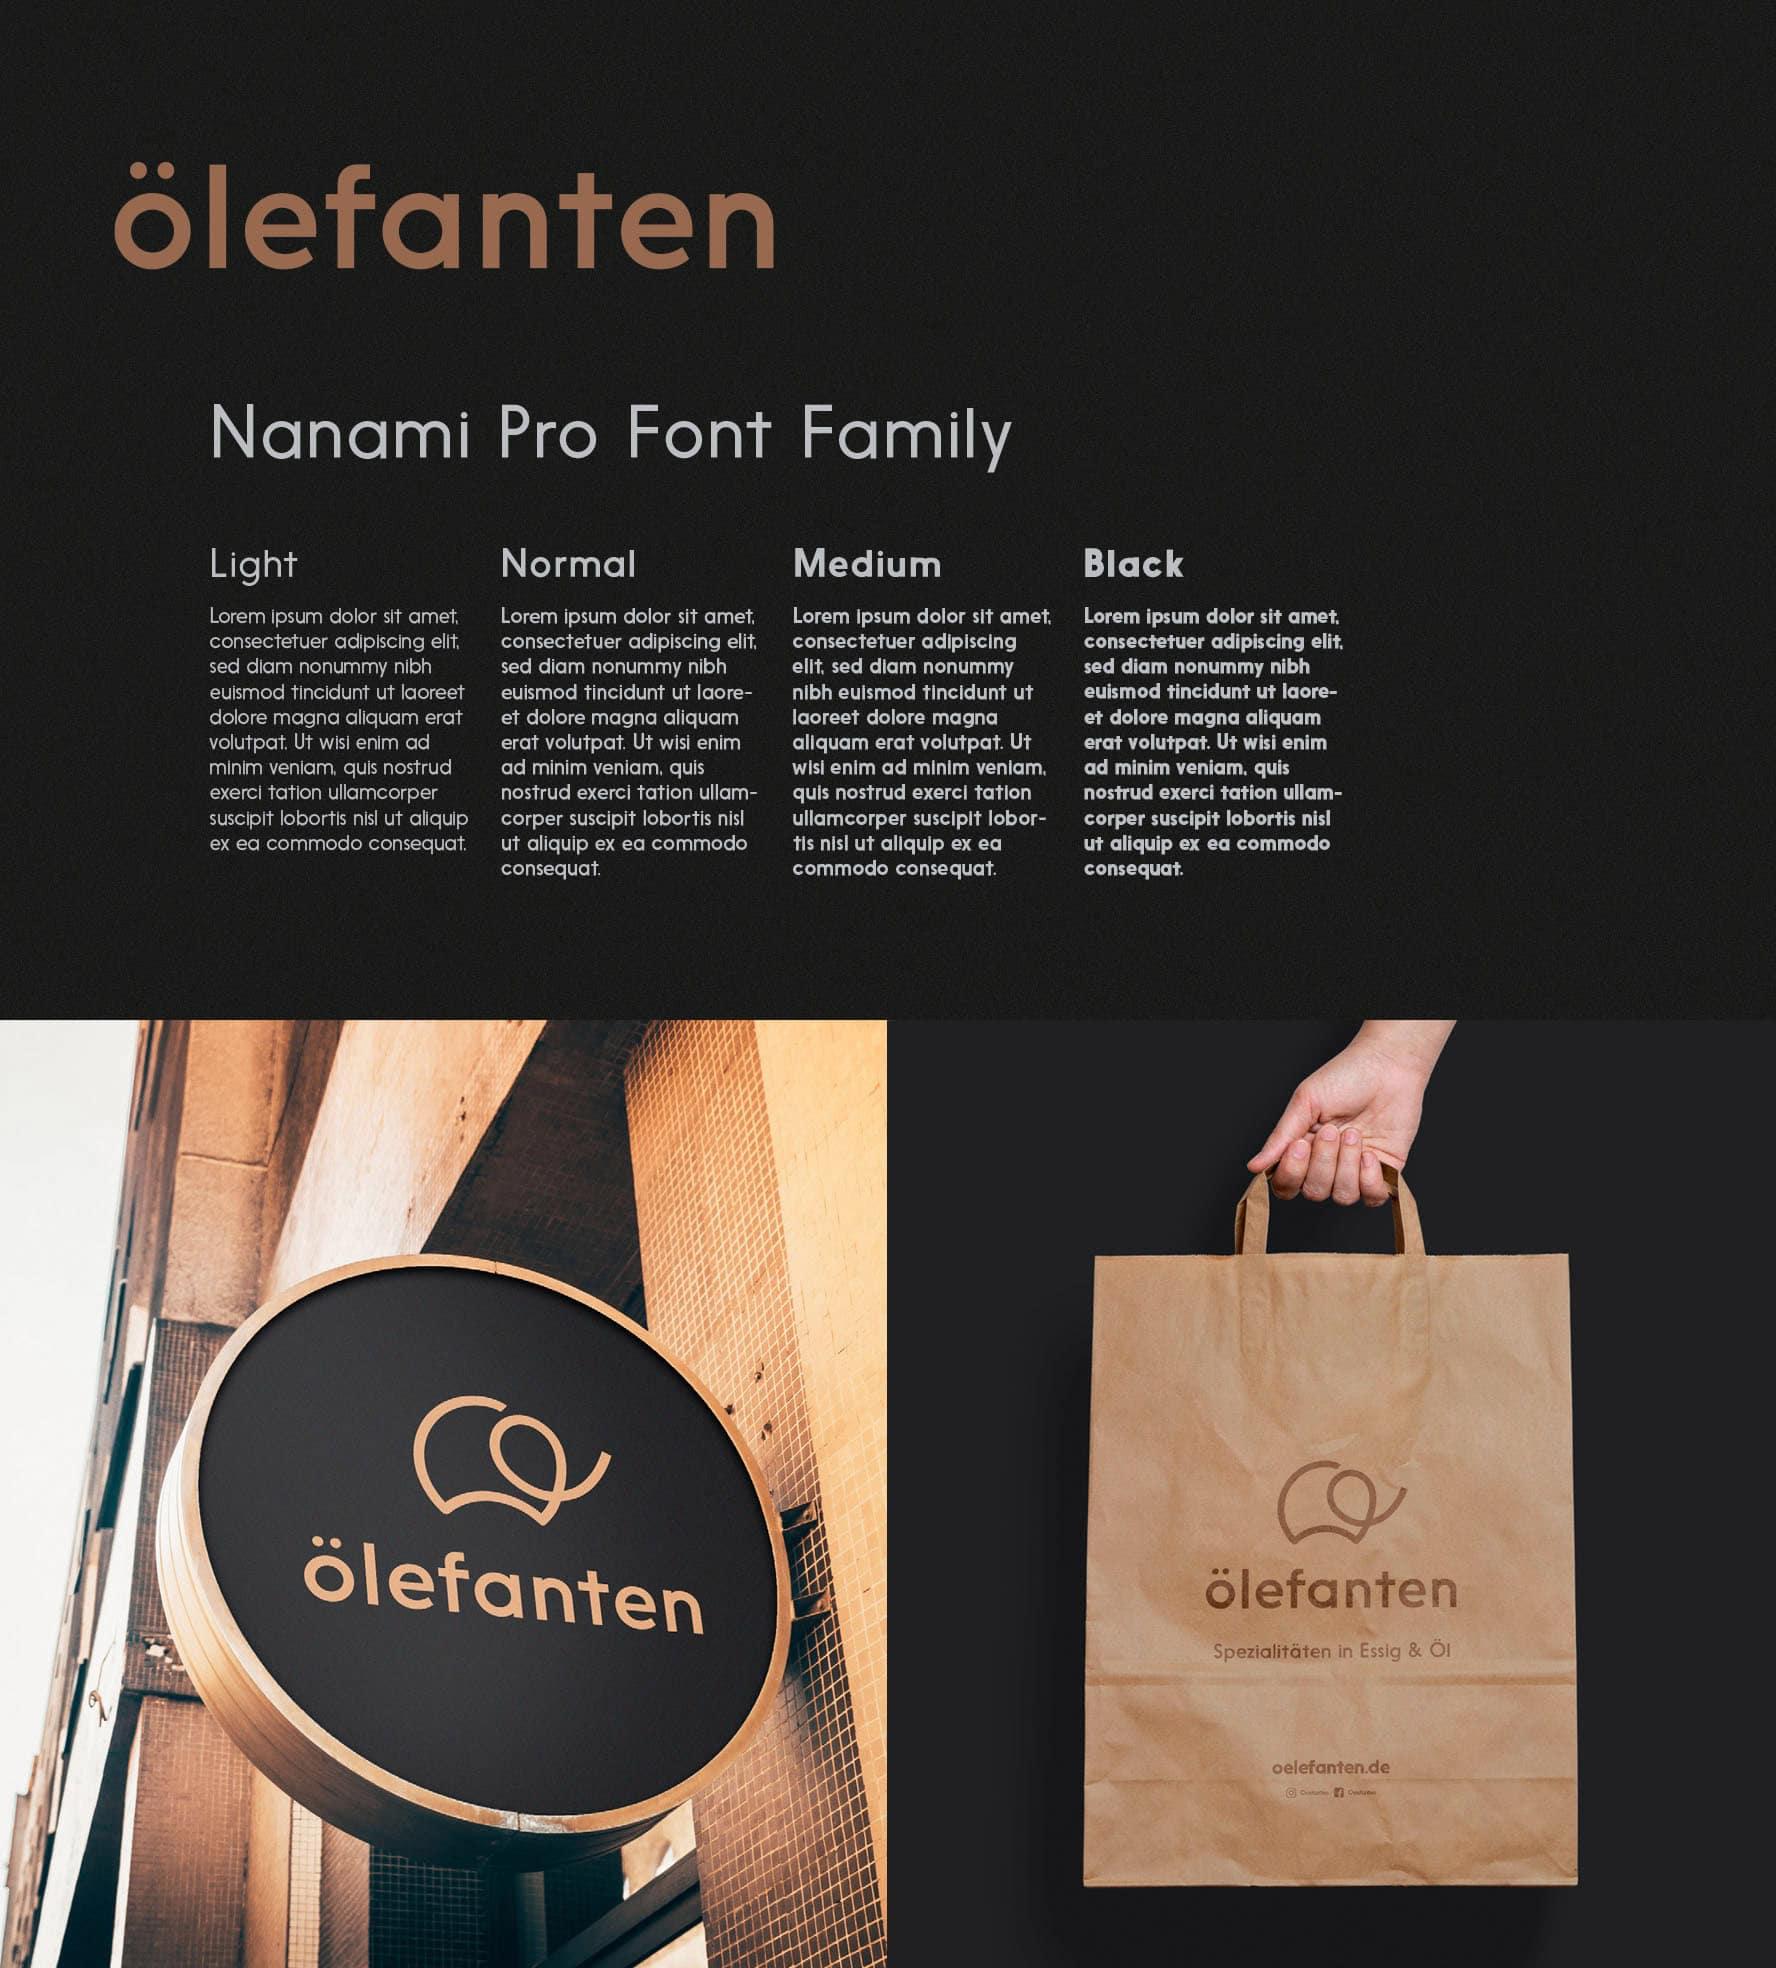 branding-rebranding-redesign-porjektowanie-opakowan-lodz-studio-graficzne-logo-packaging-design-identyfikacja-wizualna